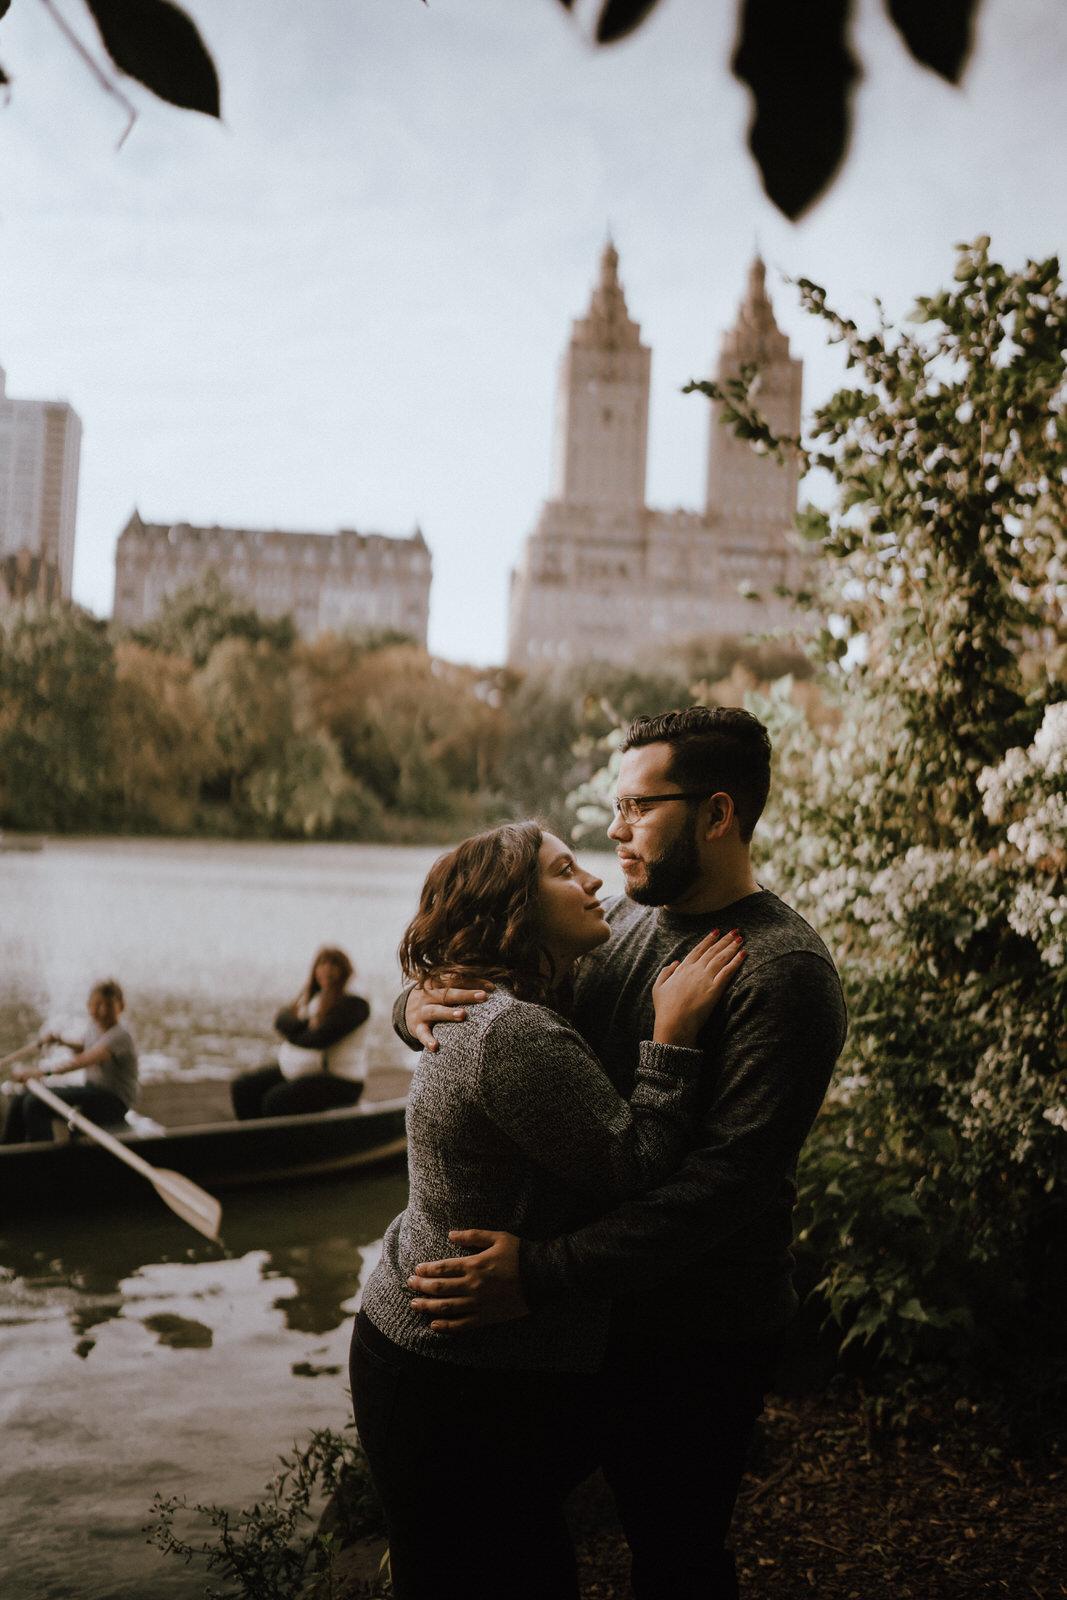 Central Park Engagement Photos-Bow Bridge-Michelle Gonzalez Photography-Alyssa and Cecilio-110.JPG